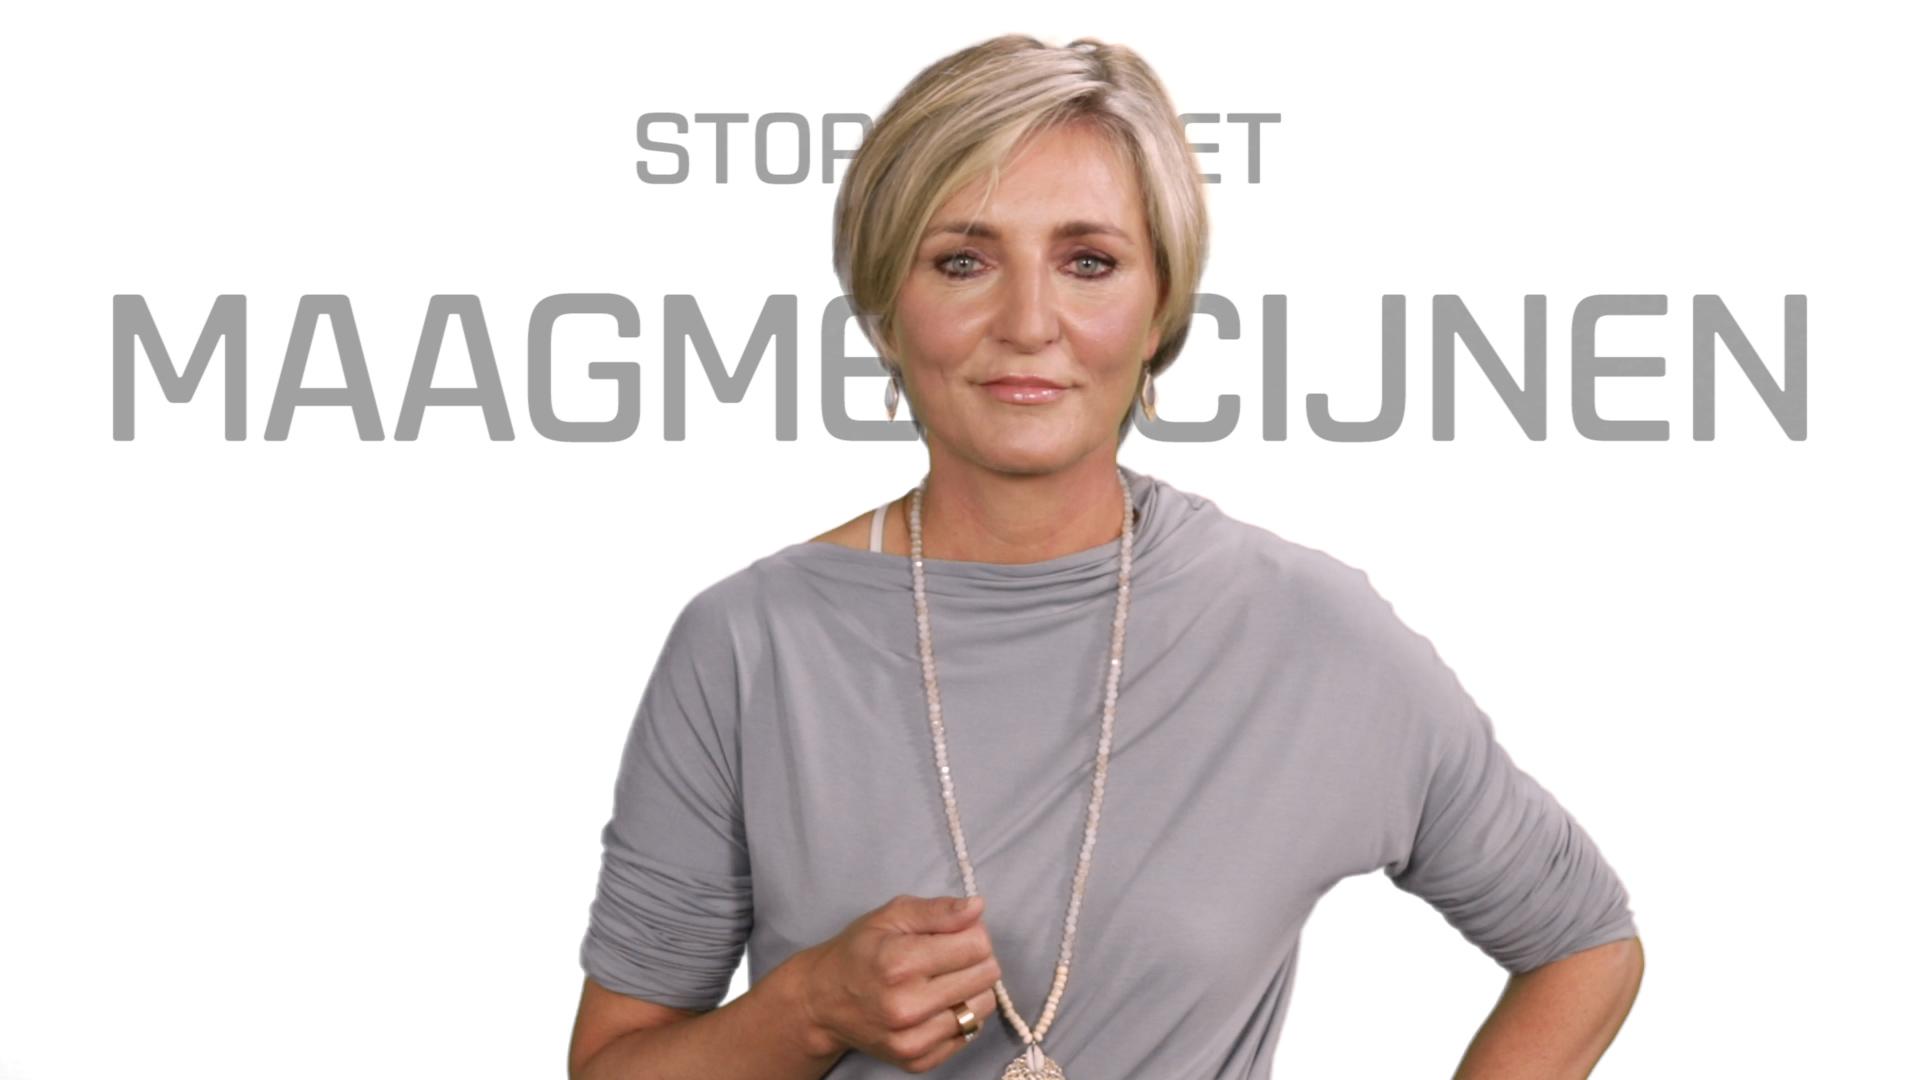 Bekijk de video: Stoppen met maagmedicijnen